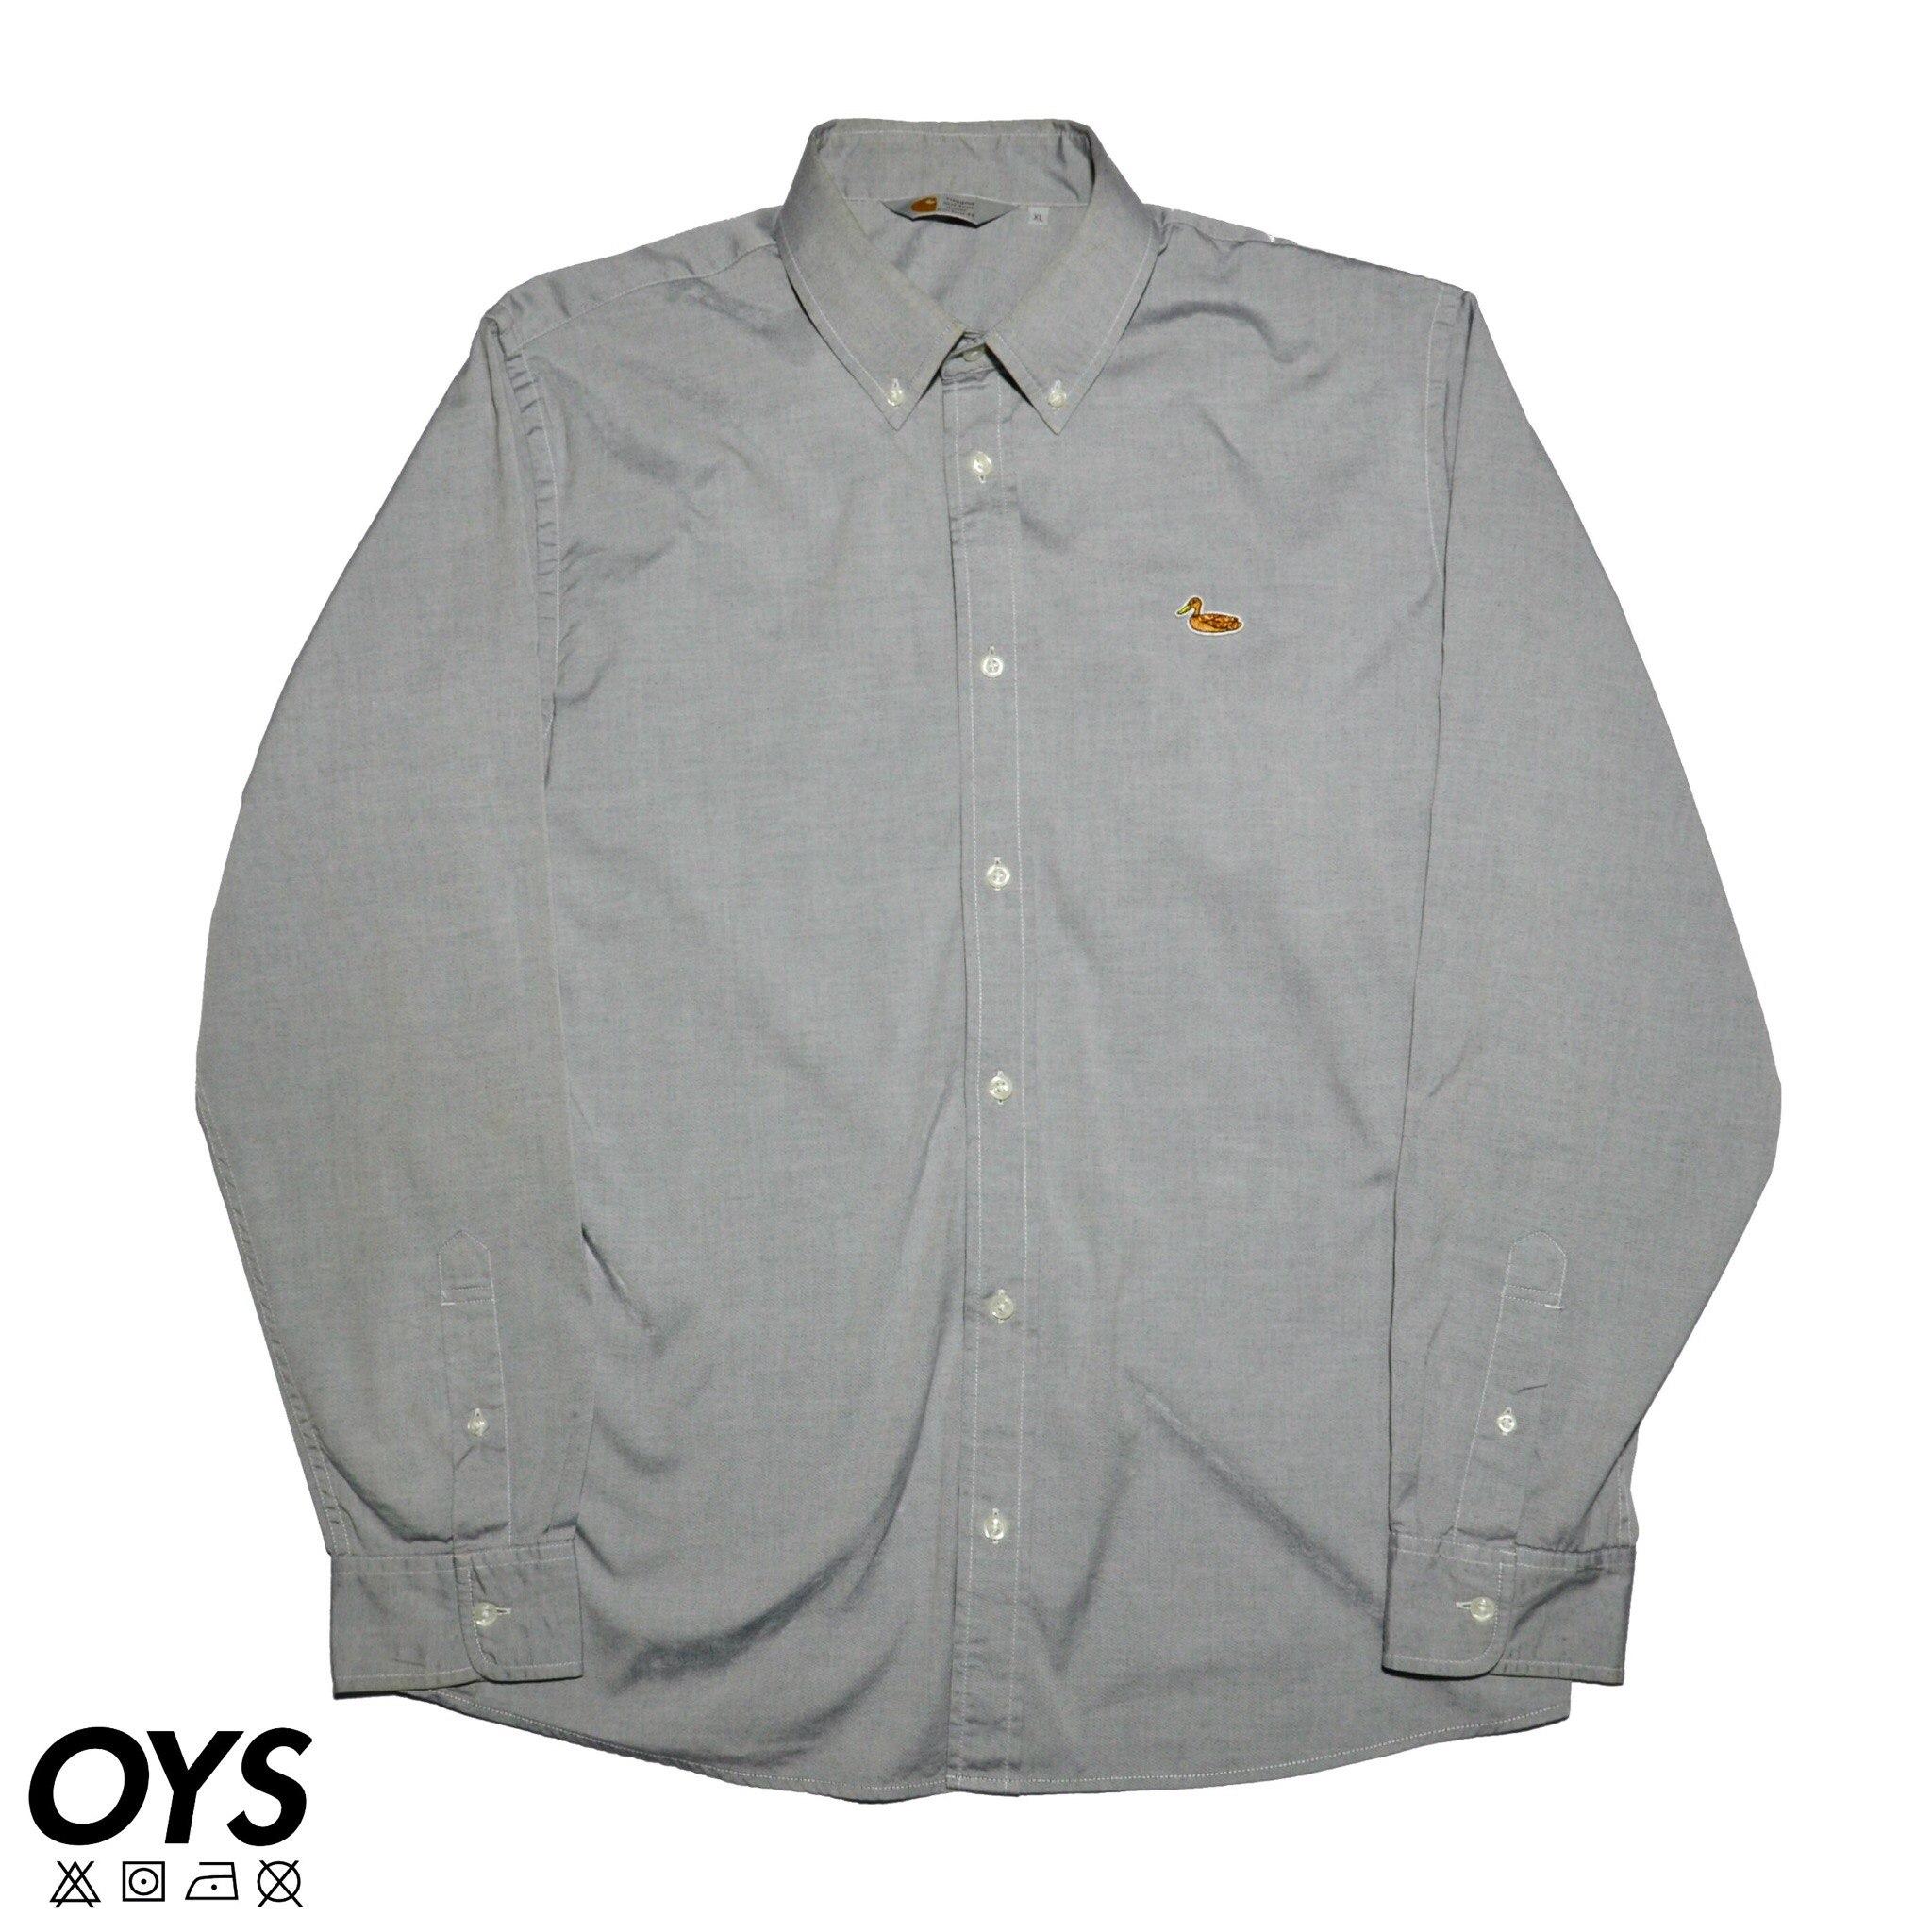 Carhartt Carhartt Rugged Outdoor Wear Duck Shirt Grey Grailed